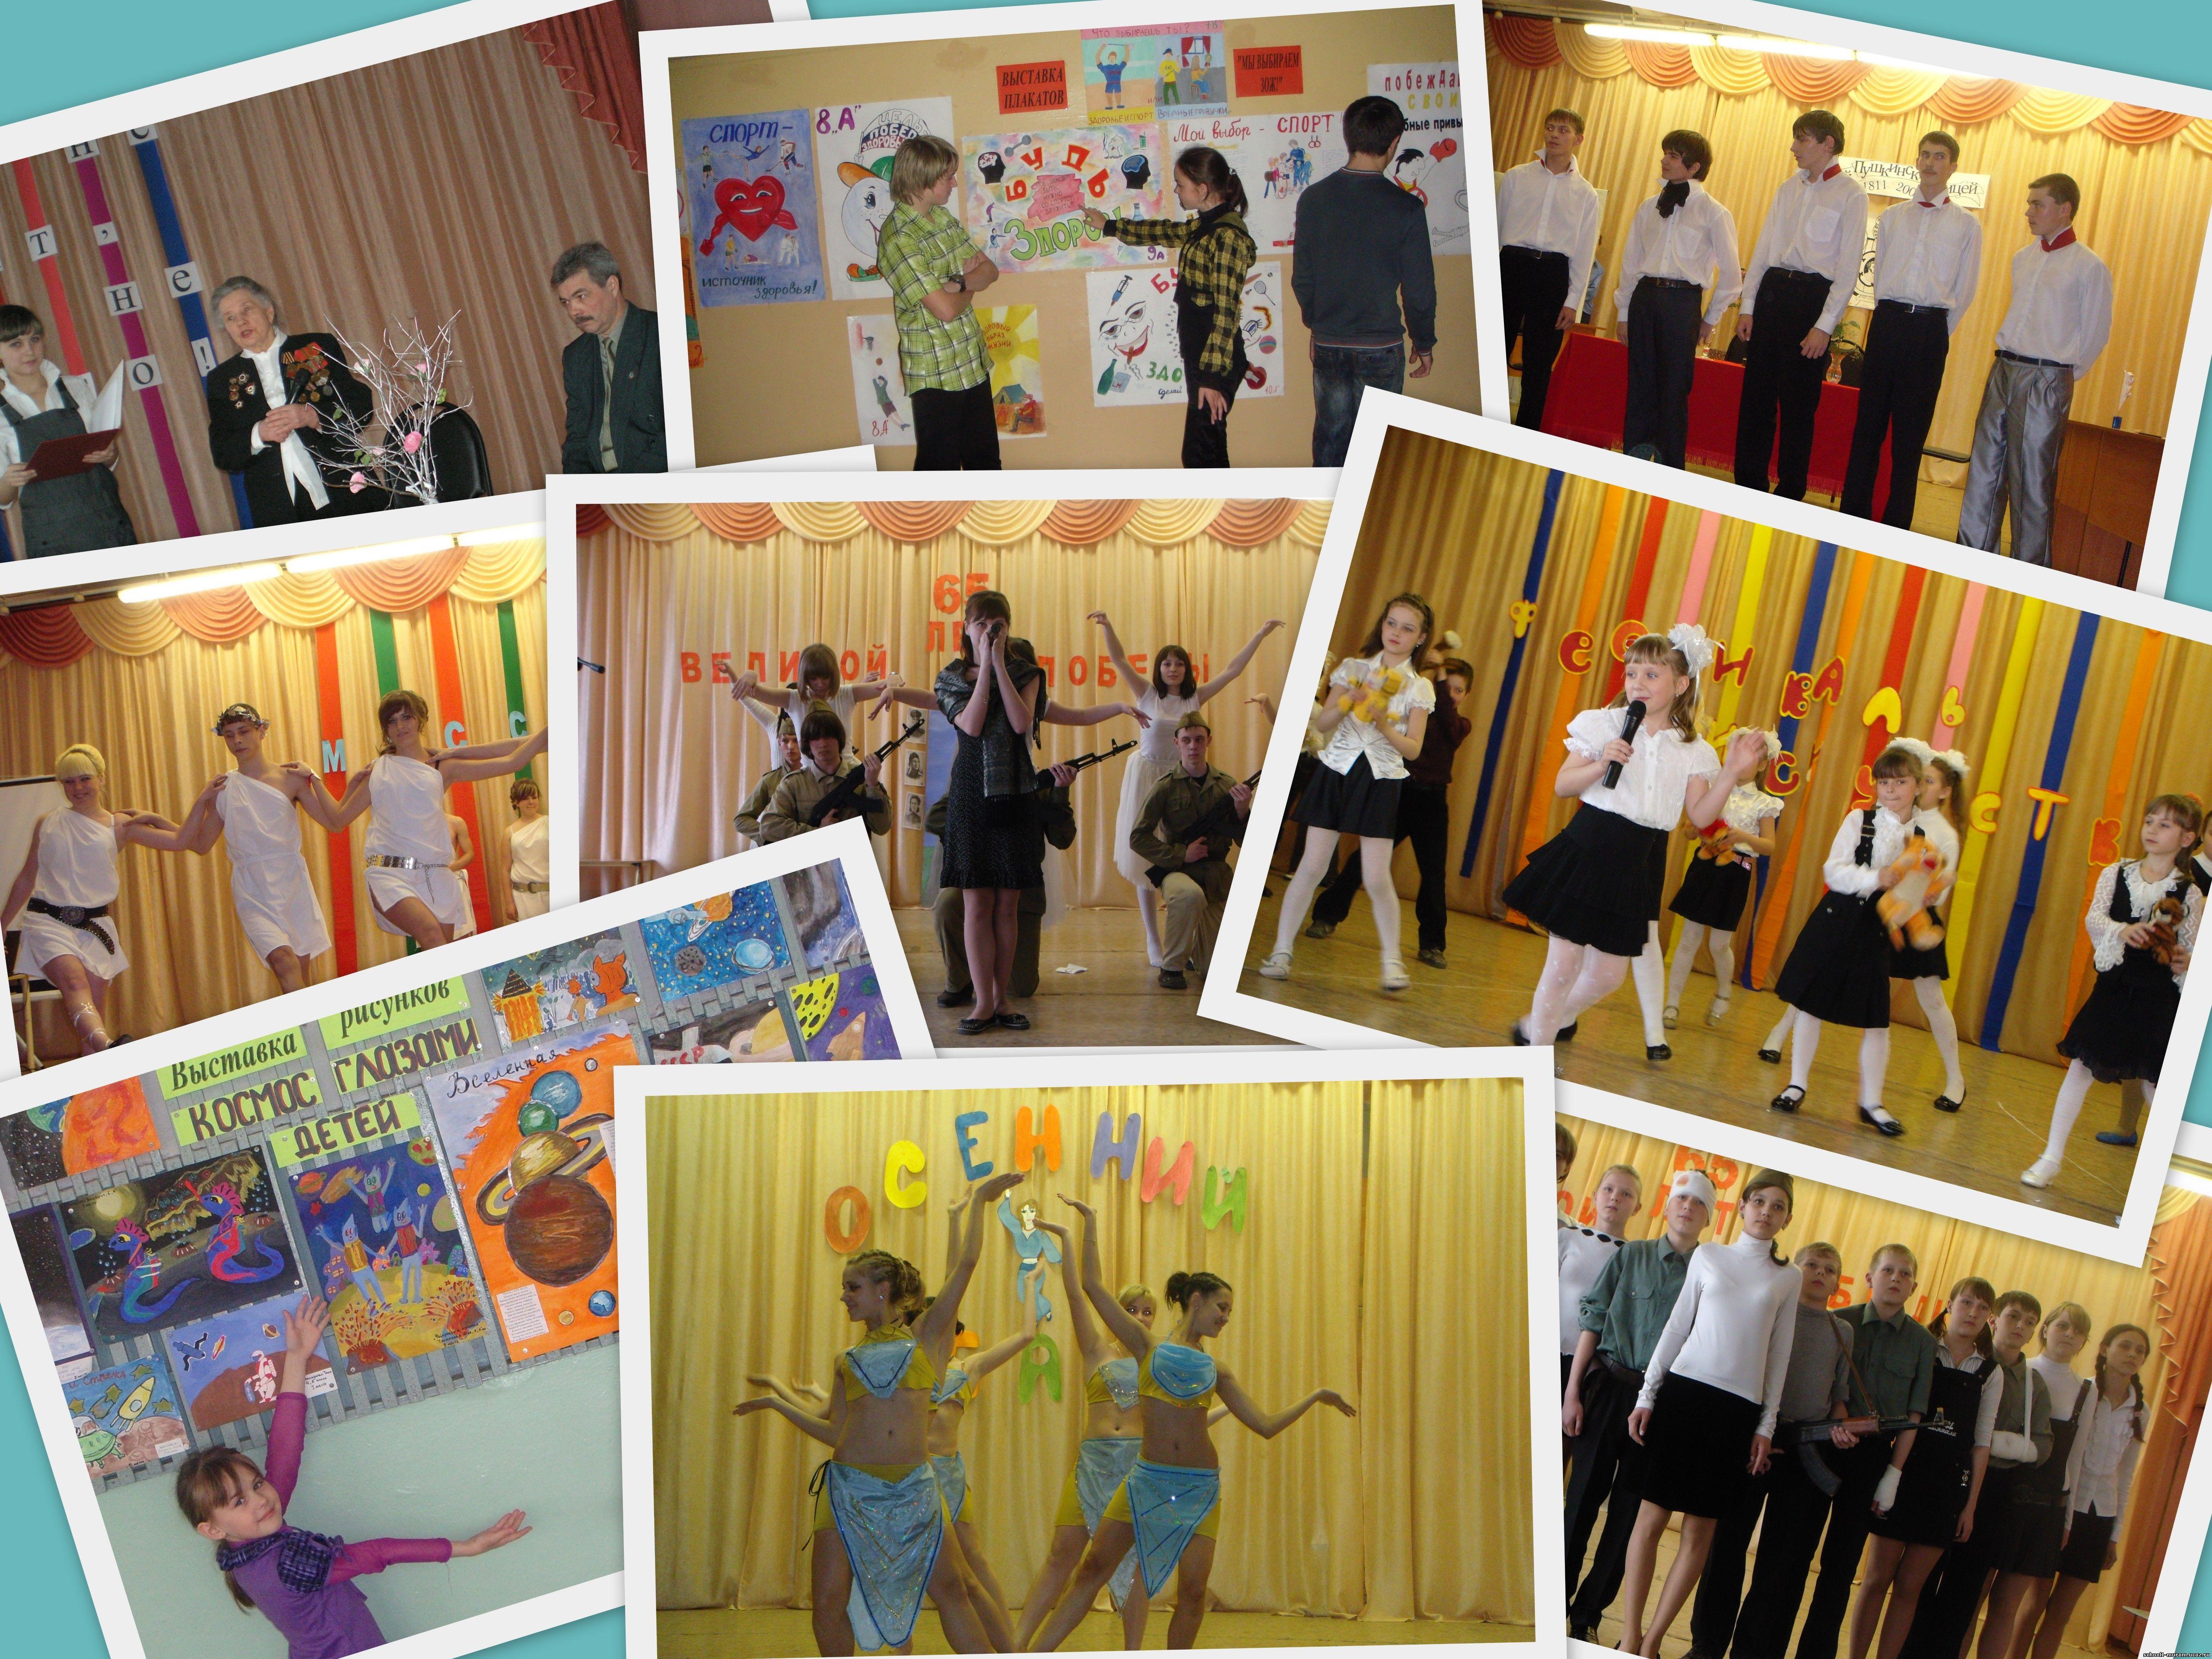 Педагогический коллектив награжден дипломом за i место, за лучшую организацию летних каникул!